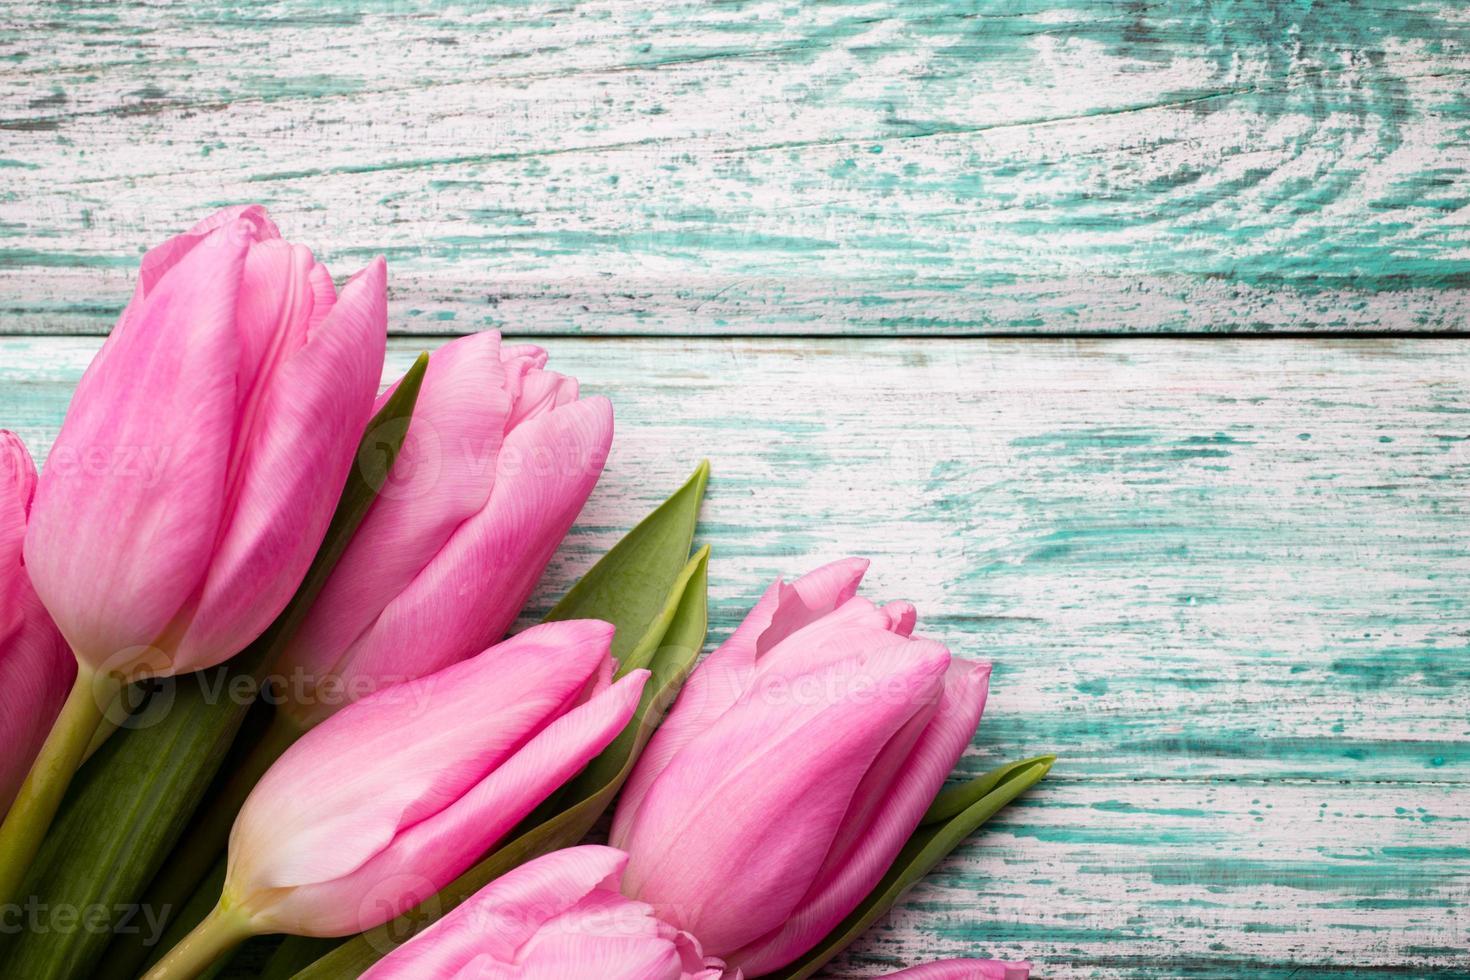 Tulip. photo